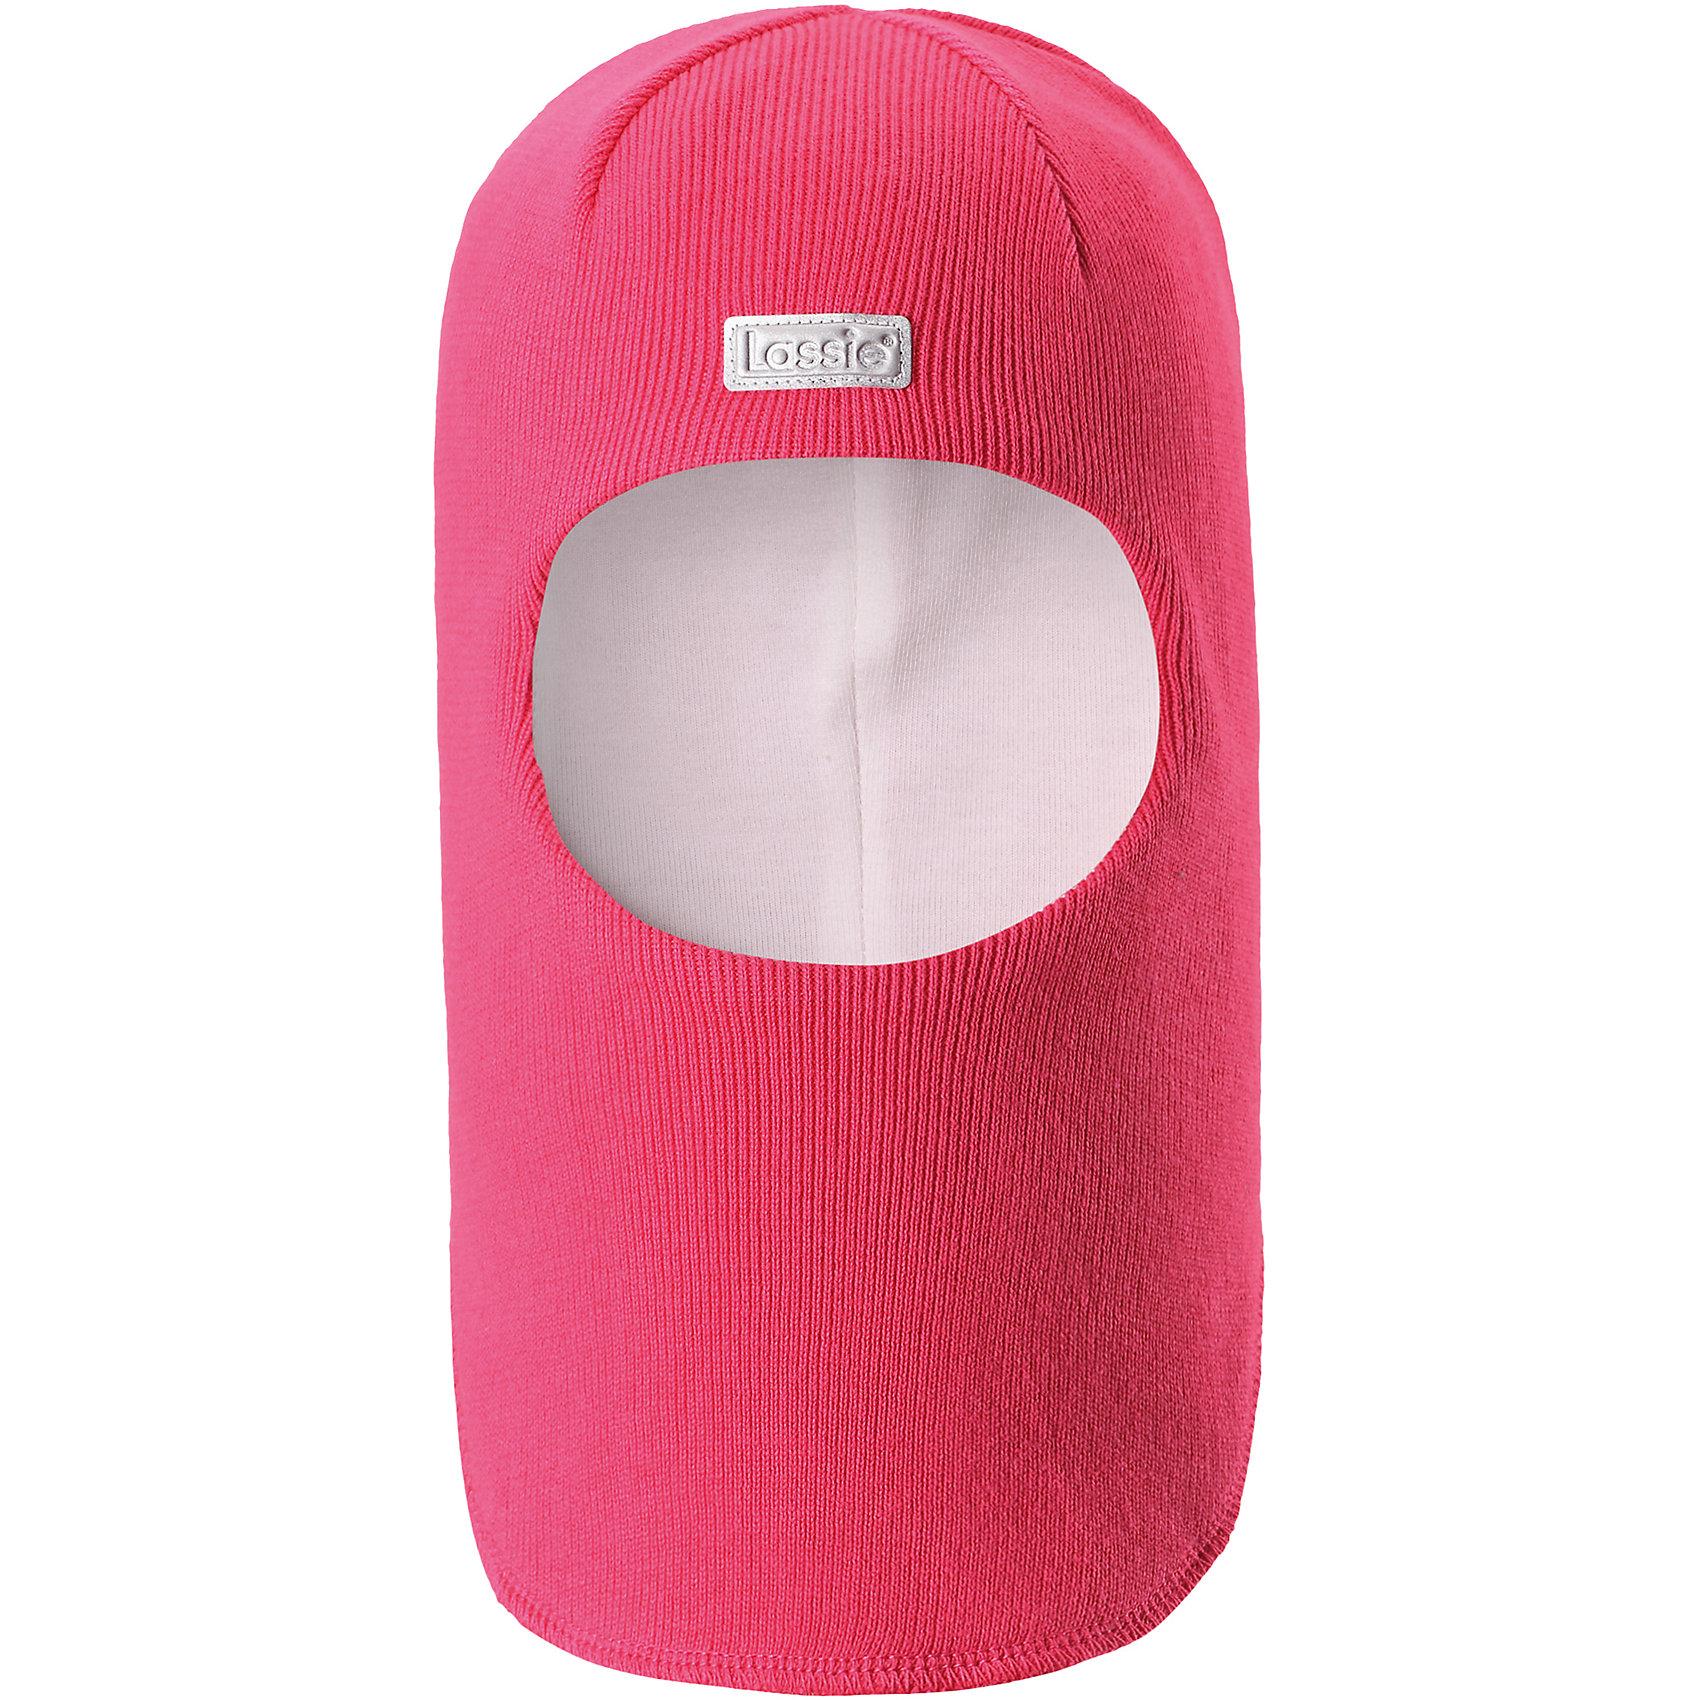 Шапка-шлем LASSIEШапки и шарфы<br>Характеристики товара:<br><br>• цвет: розовый<br>• температурный режим: от +10°до 0°С<br>• состав: 100% хлопок<br>• эластичный материал<br>• эмблема<br>• подкладка: смесь хлопка jersey<br>• ветронепроницаемые вставки в области ушей<br>• комфортная посадка<br>• страна производства: Китай<br>• страна бренда: Финляндия<br>• коллекция: весна-лето 2017<br><br>Детский головной убор может быть модным и удобным одновременно! Стильная шапка поможет обеспечить ребенку комфорт и дополнить наряд. Она отлично смотрится с различной одеждой. Шапка удобно сидит и очень модно выглядит. Продуманный крой разрабатывался специально для детей.<br><br>Обувь и одежда от финского бренда LASSIE пользуются популярностью во многих странах. Они стильные, качественные и удобные. Для производства продукции используются только безопасные, проверенные материалы и фурнитура. Порадуйте ребенка модными и красивыми вещами от Lassie®! <br><br>Шапку-шлем от финского бренда LASSIE можно купить в нашем интернет-магазине.<br><br>Ширина мм: 89<br>Глубина мм: 117<br>Высота мм: 44<br>Вес г: 155<br>Цвет: розовый<br>Возраст от месяцев: 6<br>Возраст до месяцев: 9<br>Пол: Женский<br>Возраст: Детский<br>Размер: 54-56,44-46,50-52,46-48<br>SKU: 5264754